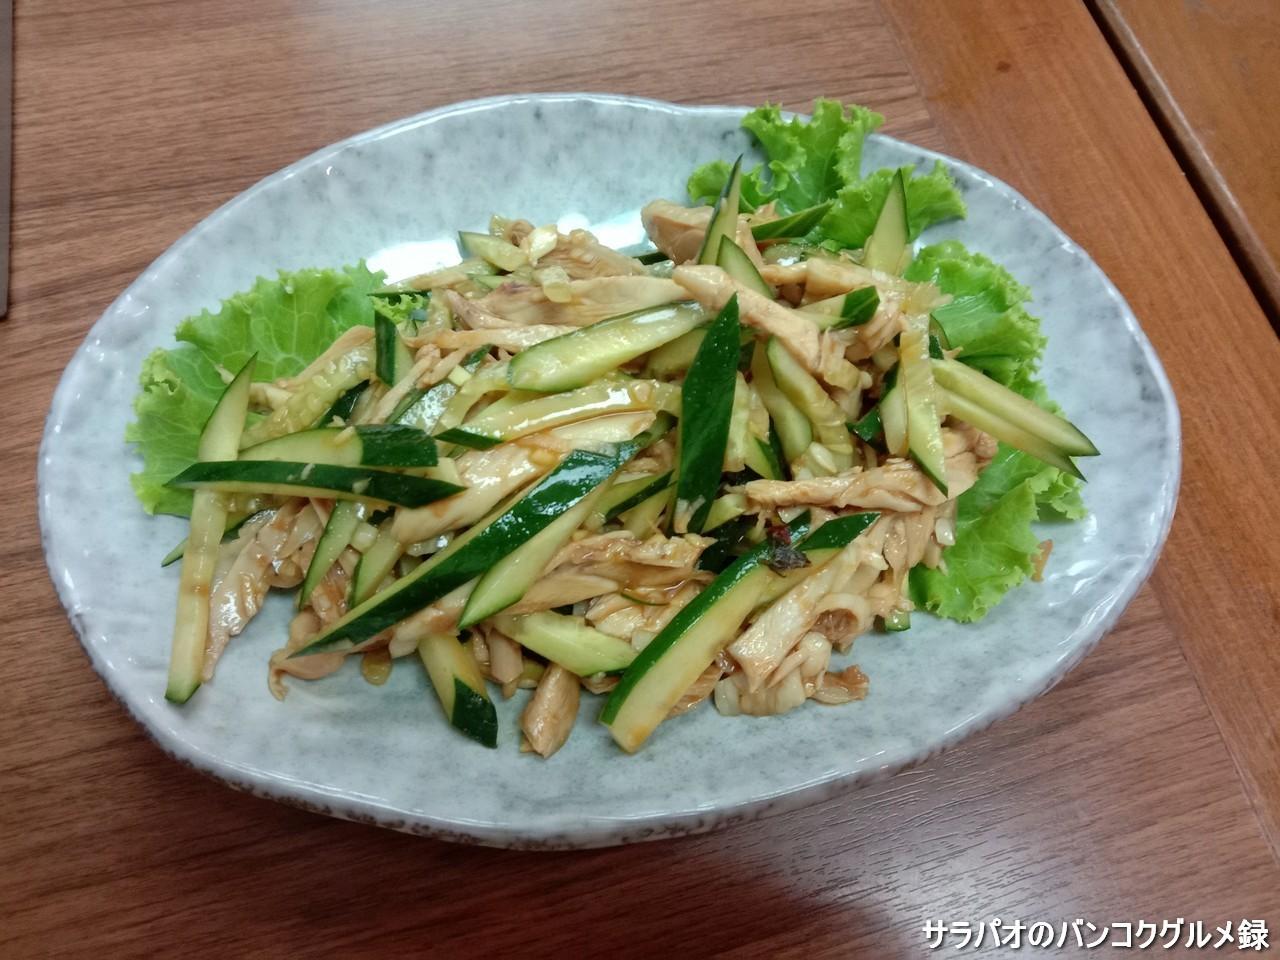 らあめん亭は日本人好みの激ウマ中華料理店 in タニヤ